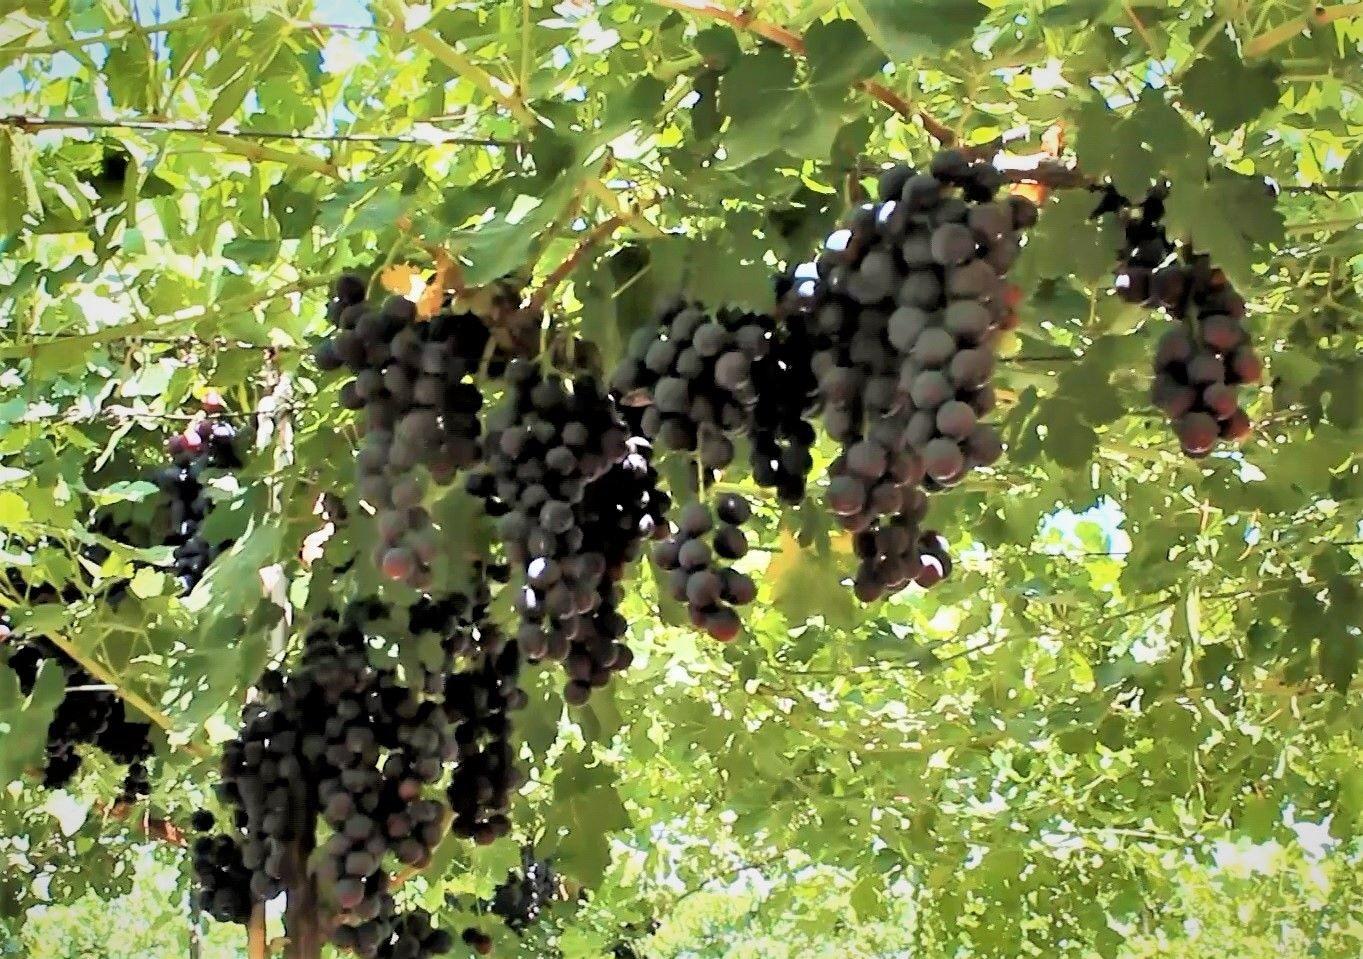 2021/07/efem-uzumunde-ilk-hasat-gerceklesti-dayanikliligi-ve-lezzeti-dikkat-cekti-20210729AW38-2.jpg